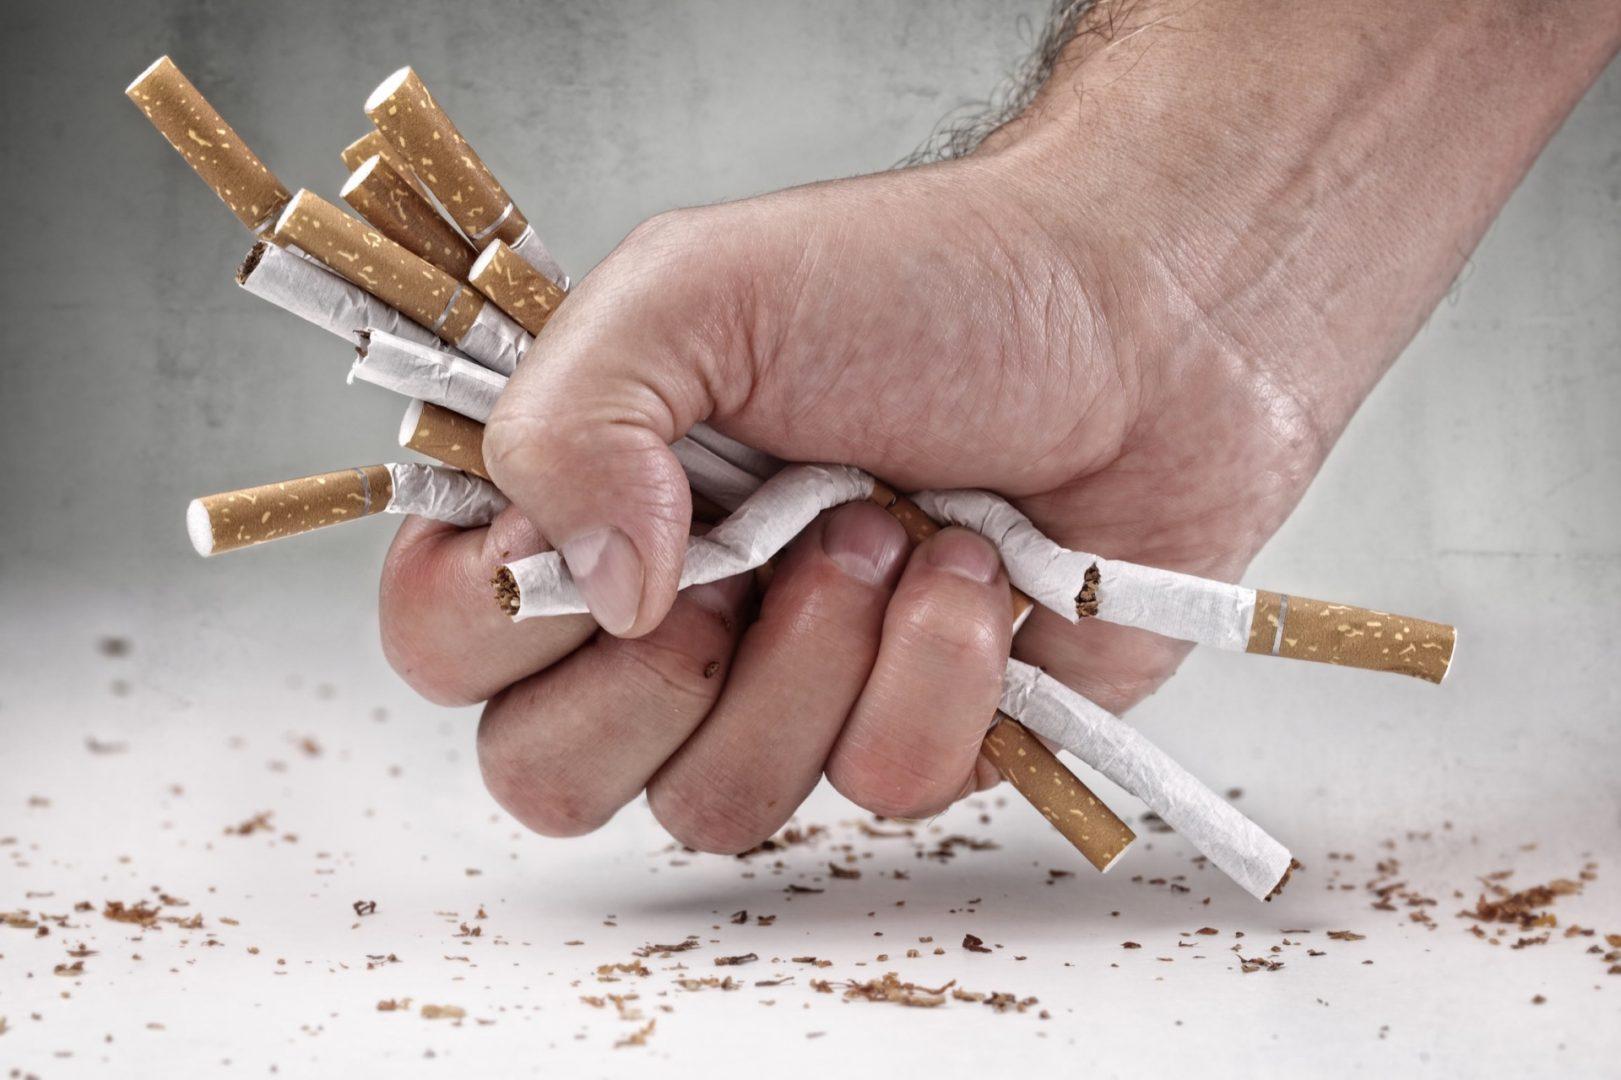 A scăzut consumul de tutun!